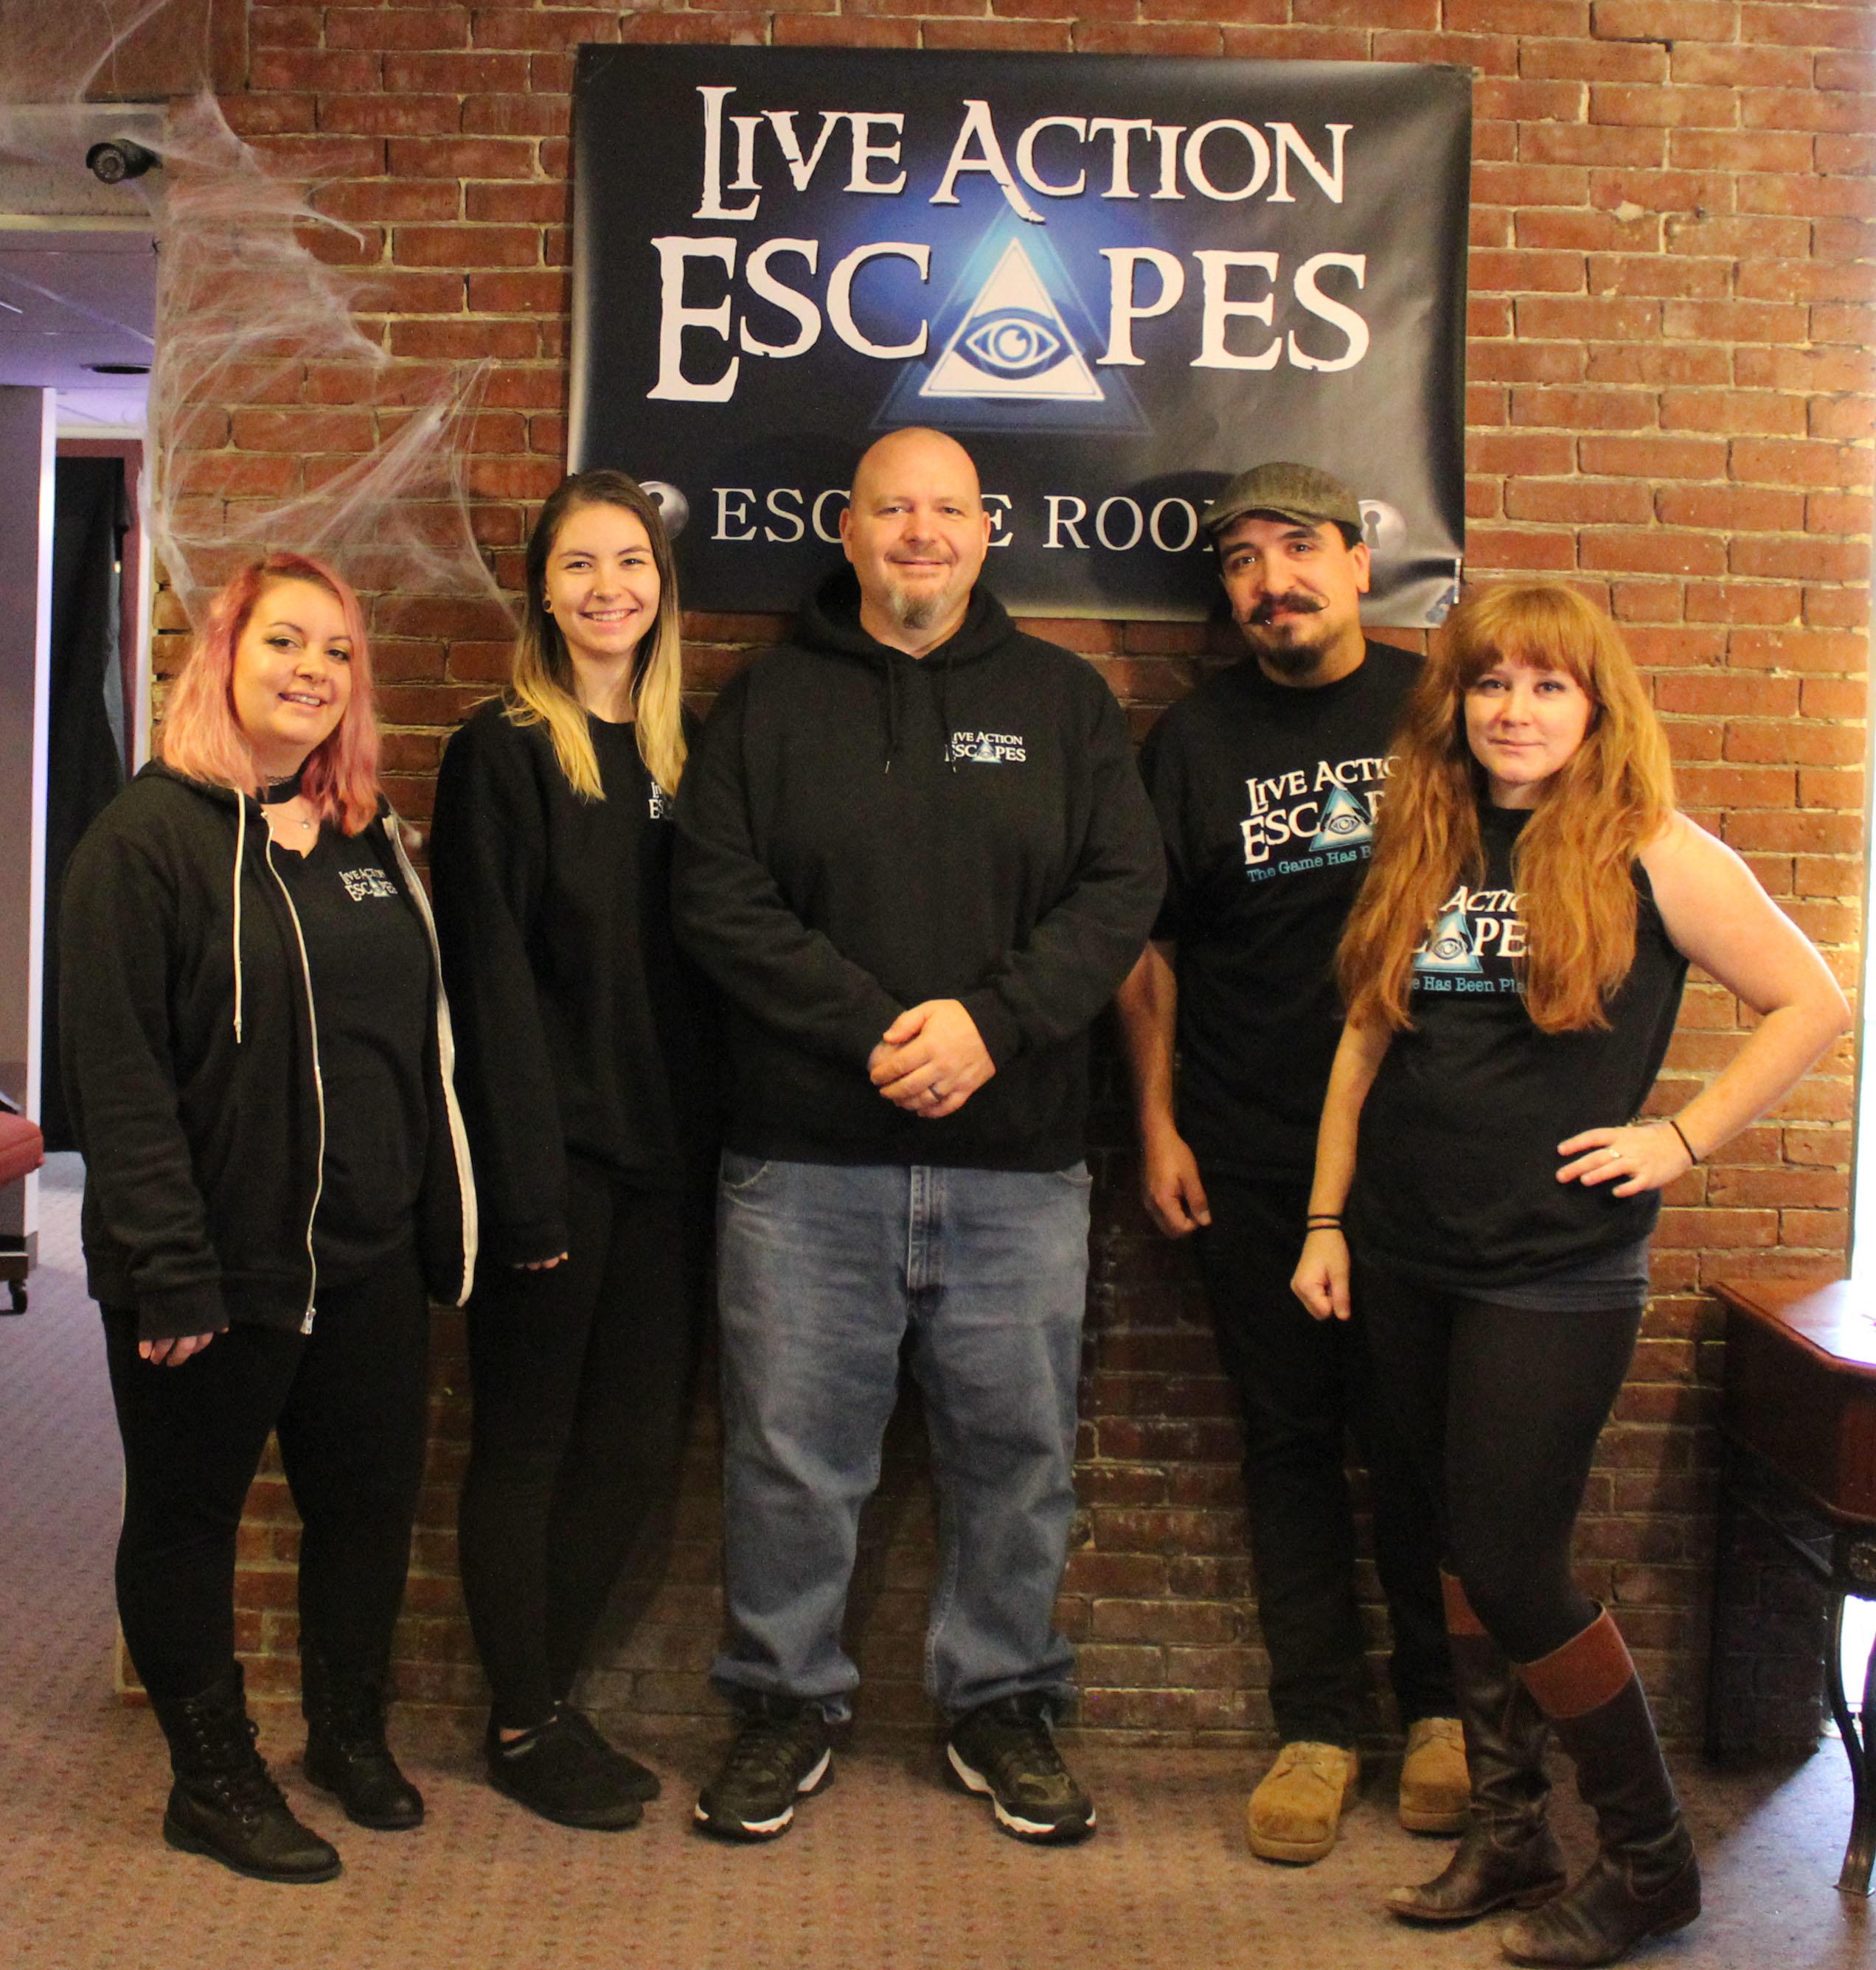 Live Action Escapes image 4